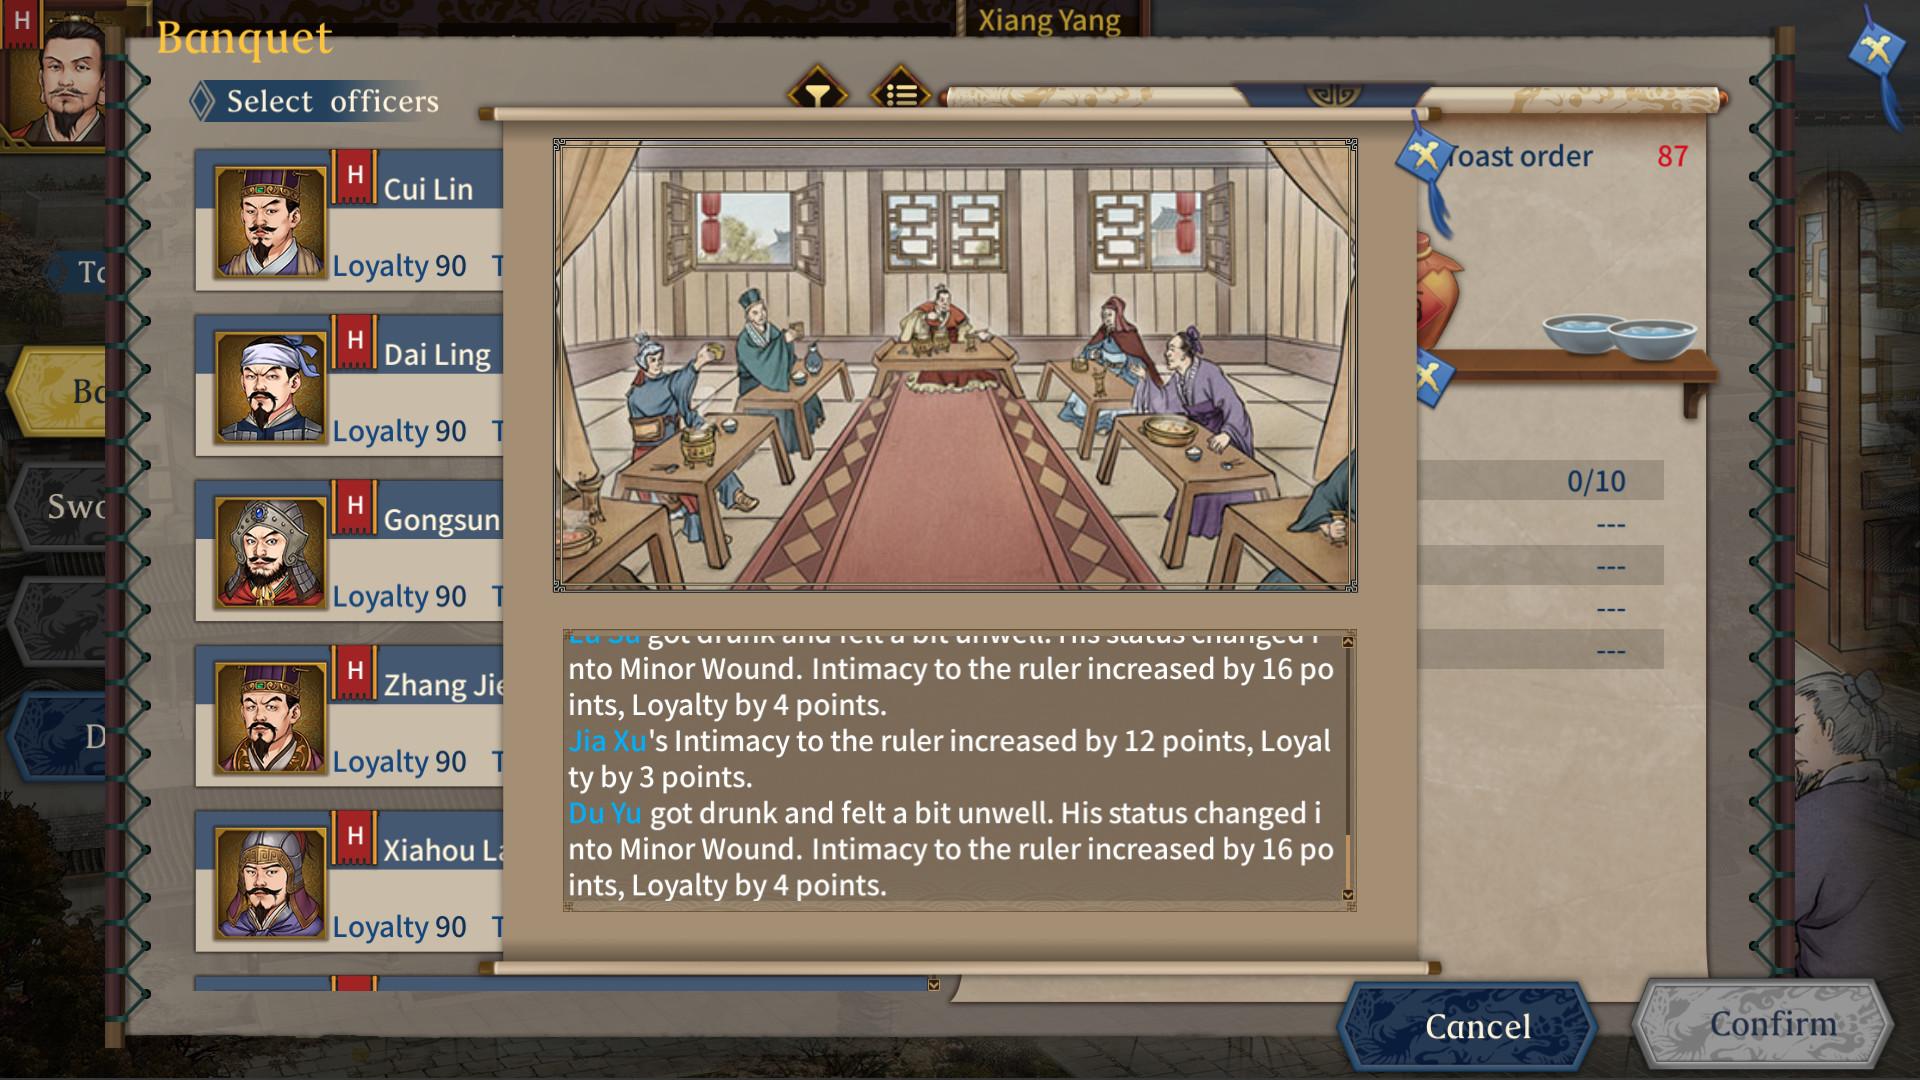 three-kingdoms-the-last-warlord-pc-screenshot-03